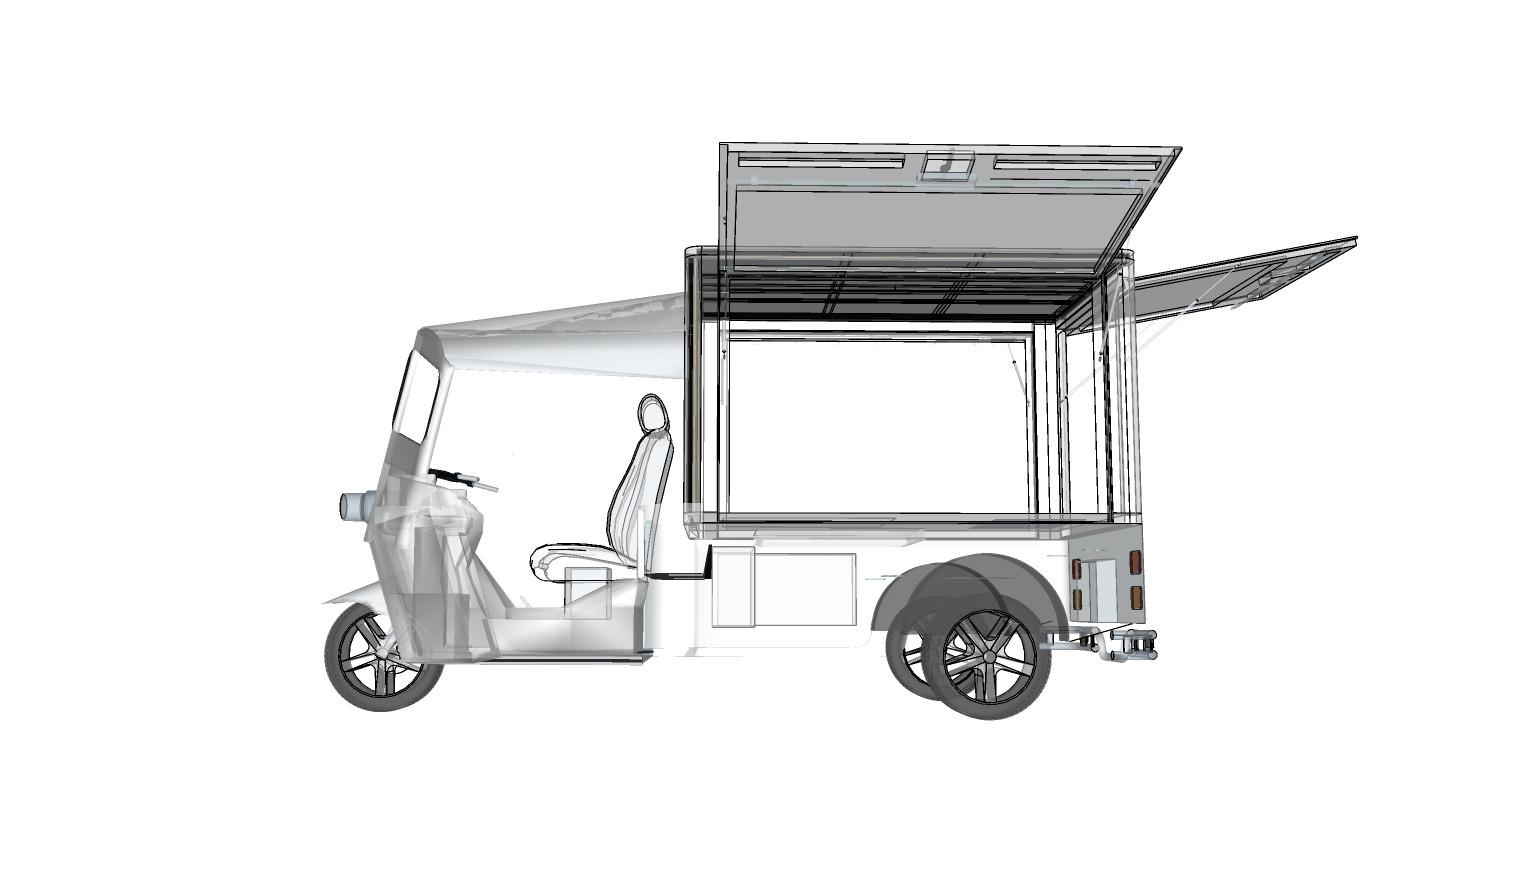 TukFab-VehicleDimensions-Vendor-Iso5.jpg